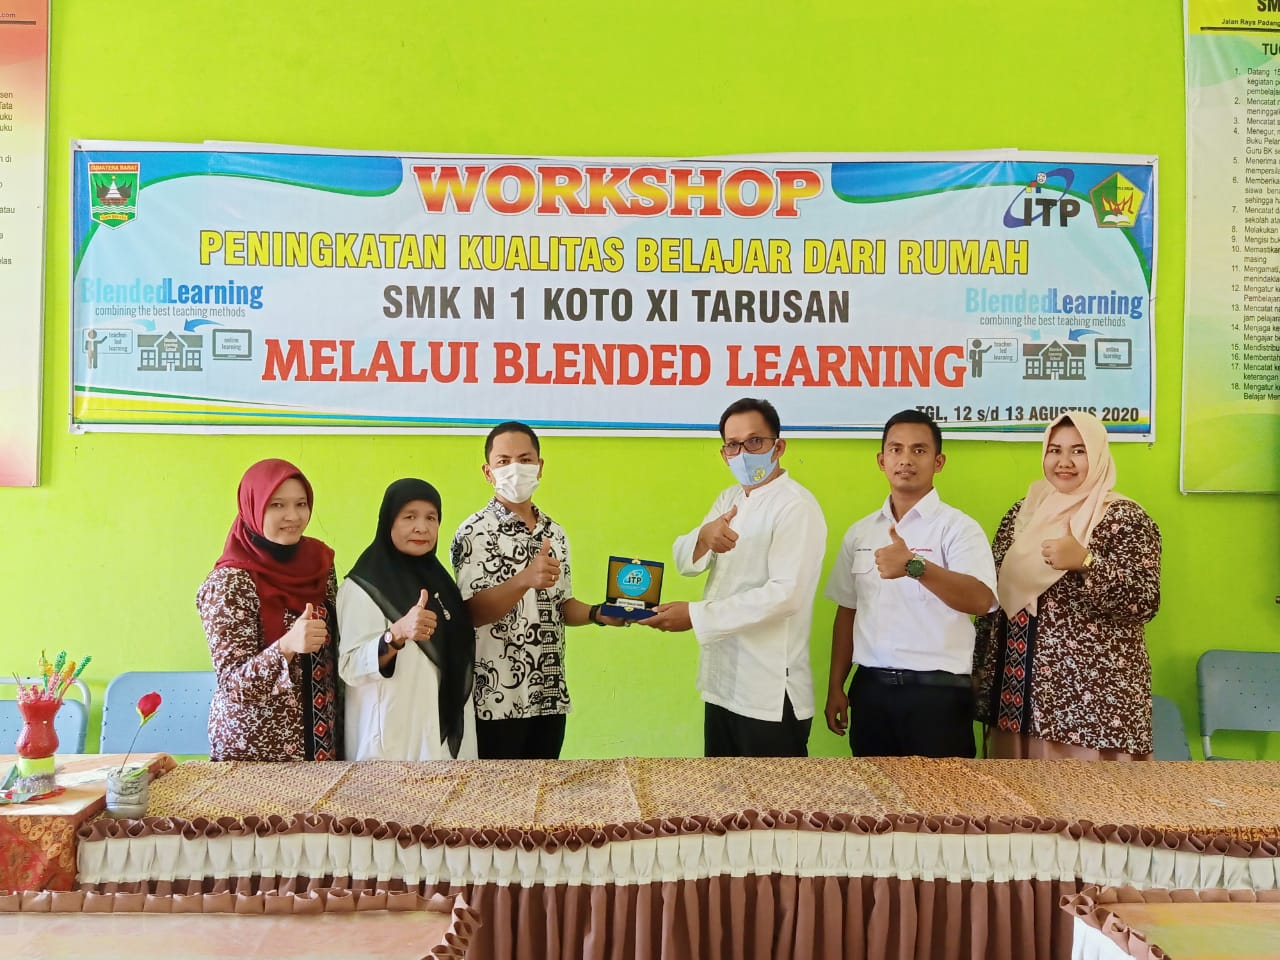 Workshop Peningkatan Kualitas Belajar dari Rumah SMK N 1 Koto XI Tarusan